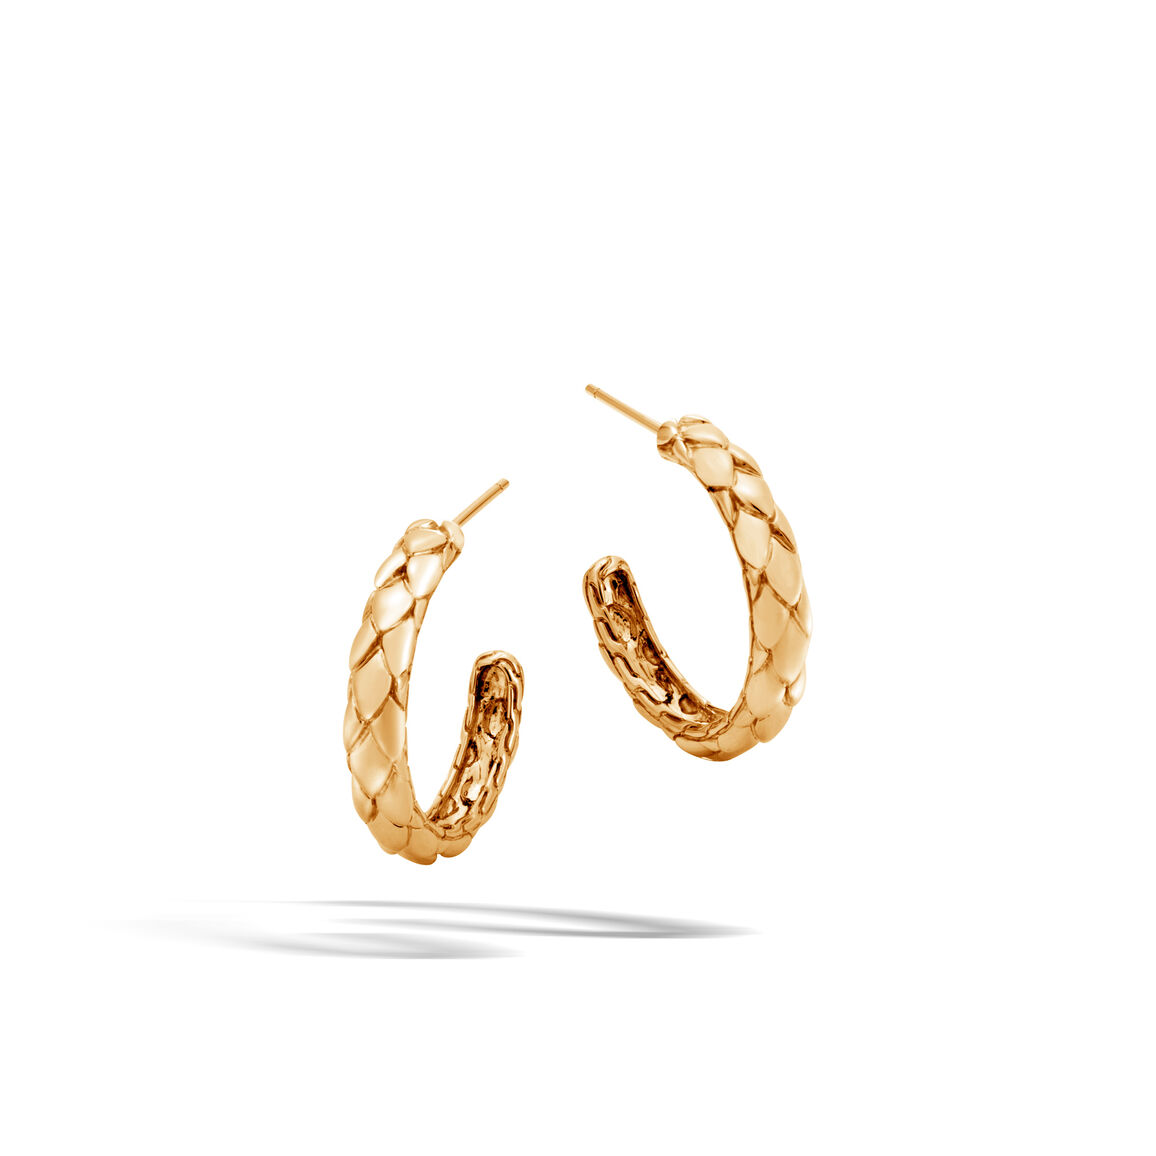 Legends Cobra Small Hoop Earrings in 18K Gold